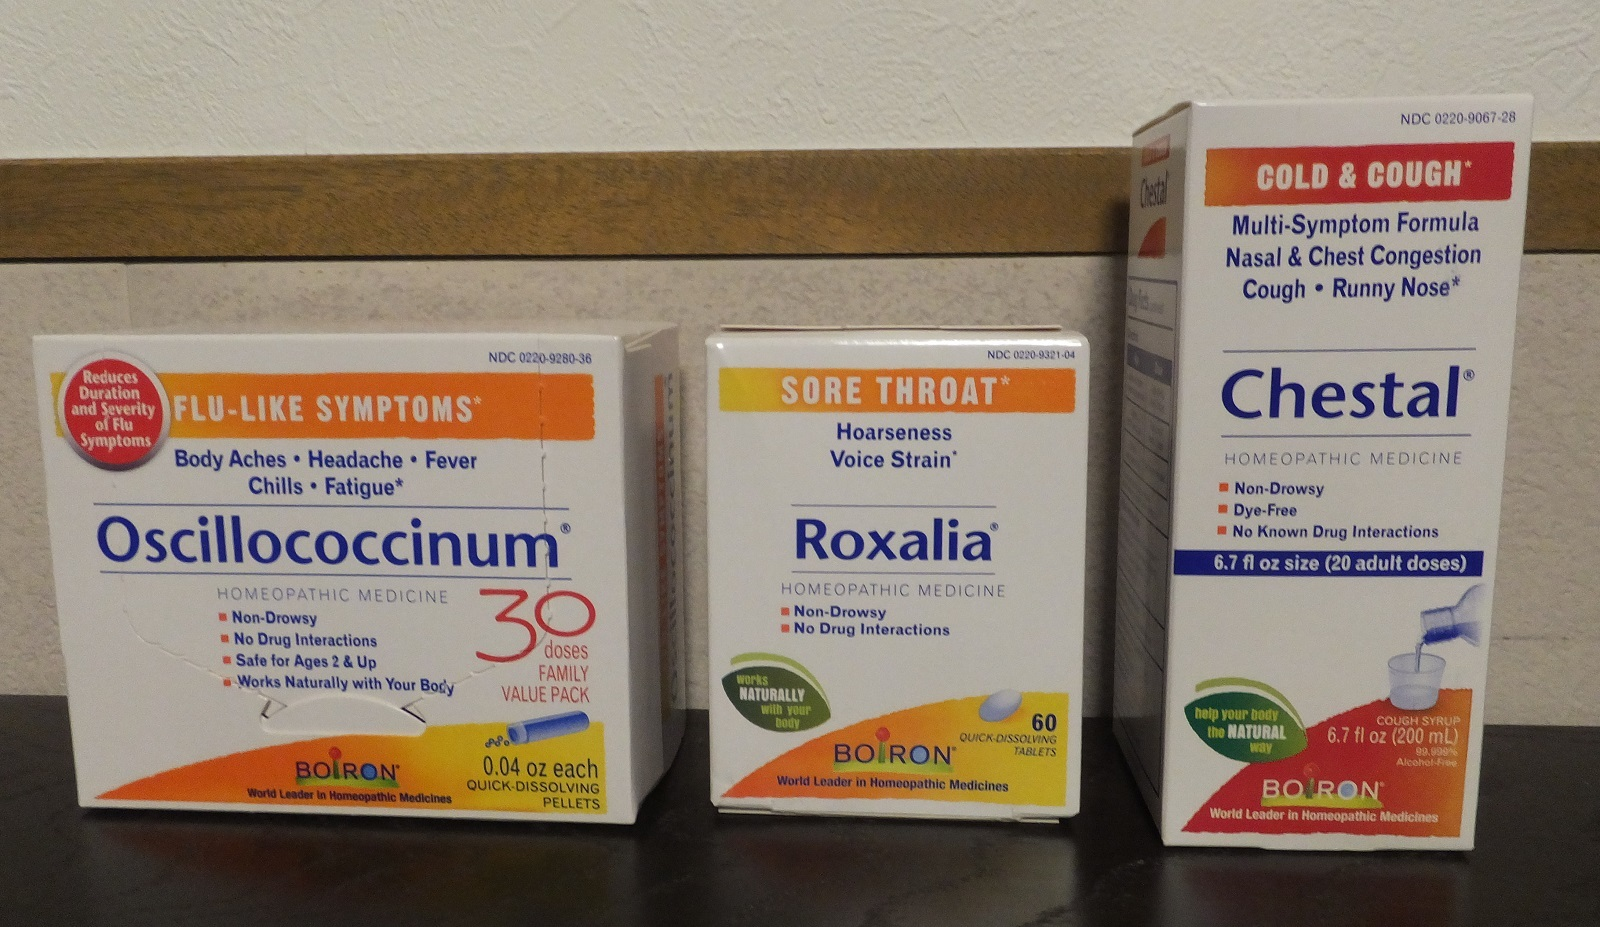 ボイロンホメオパシー風邪とインフルエンザ対策